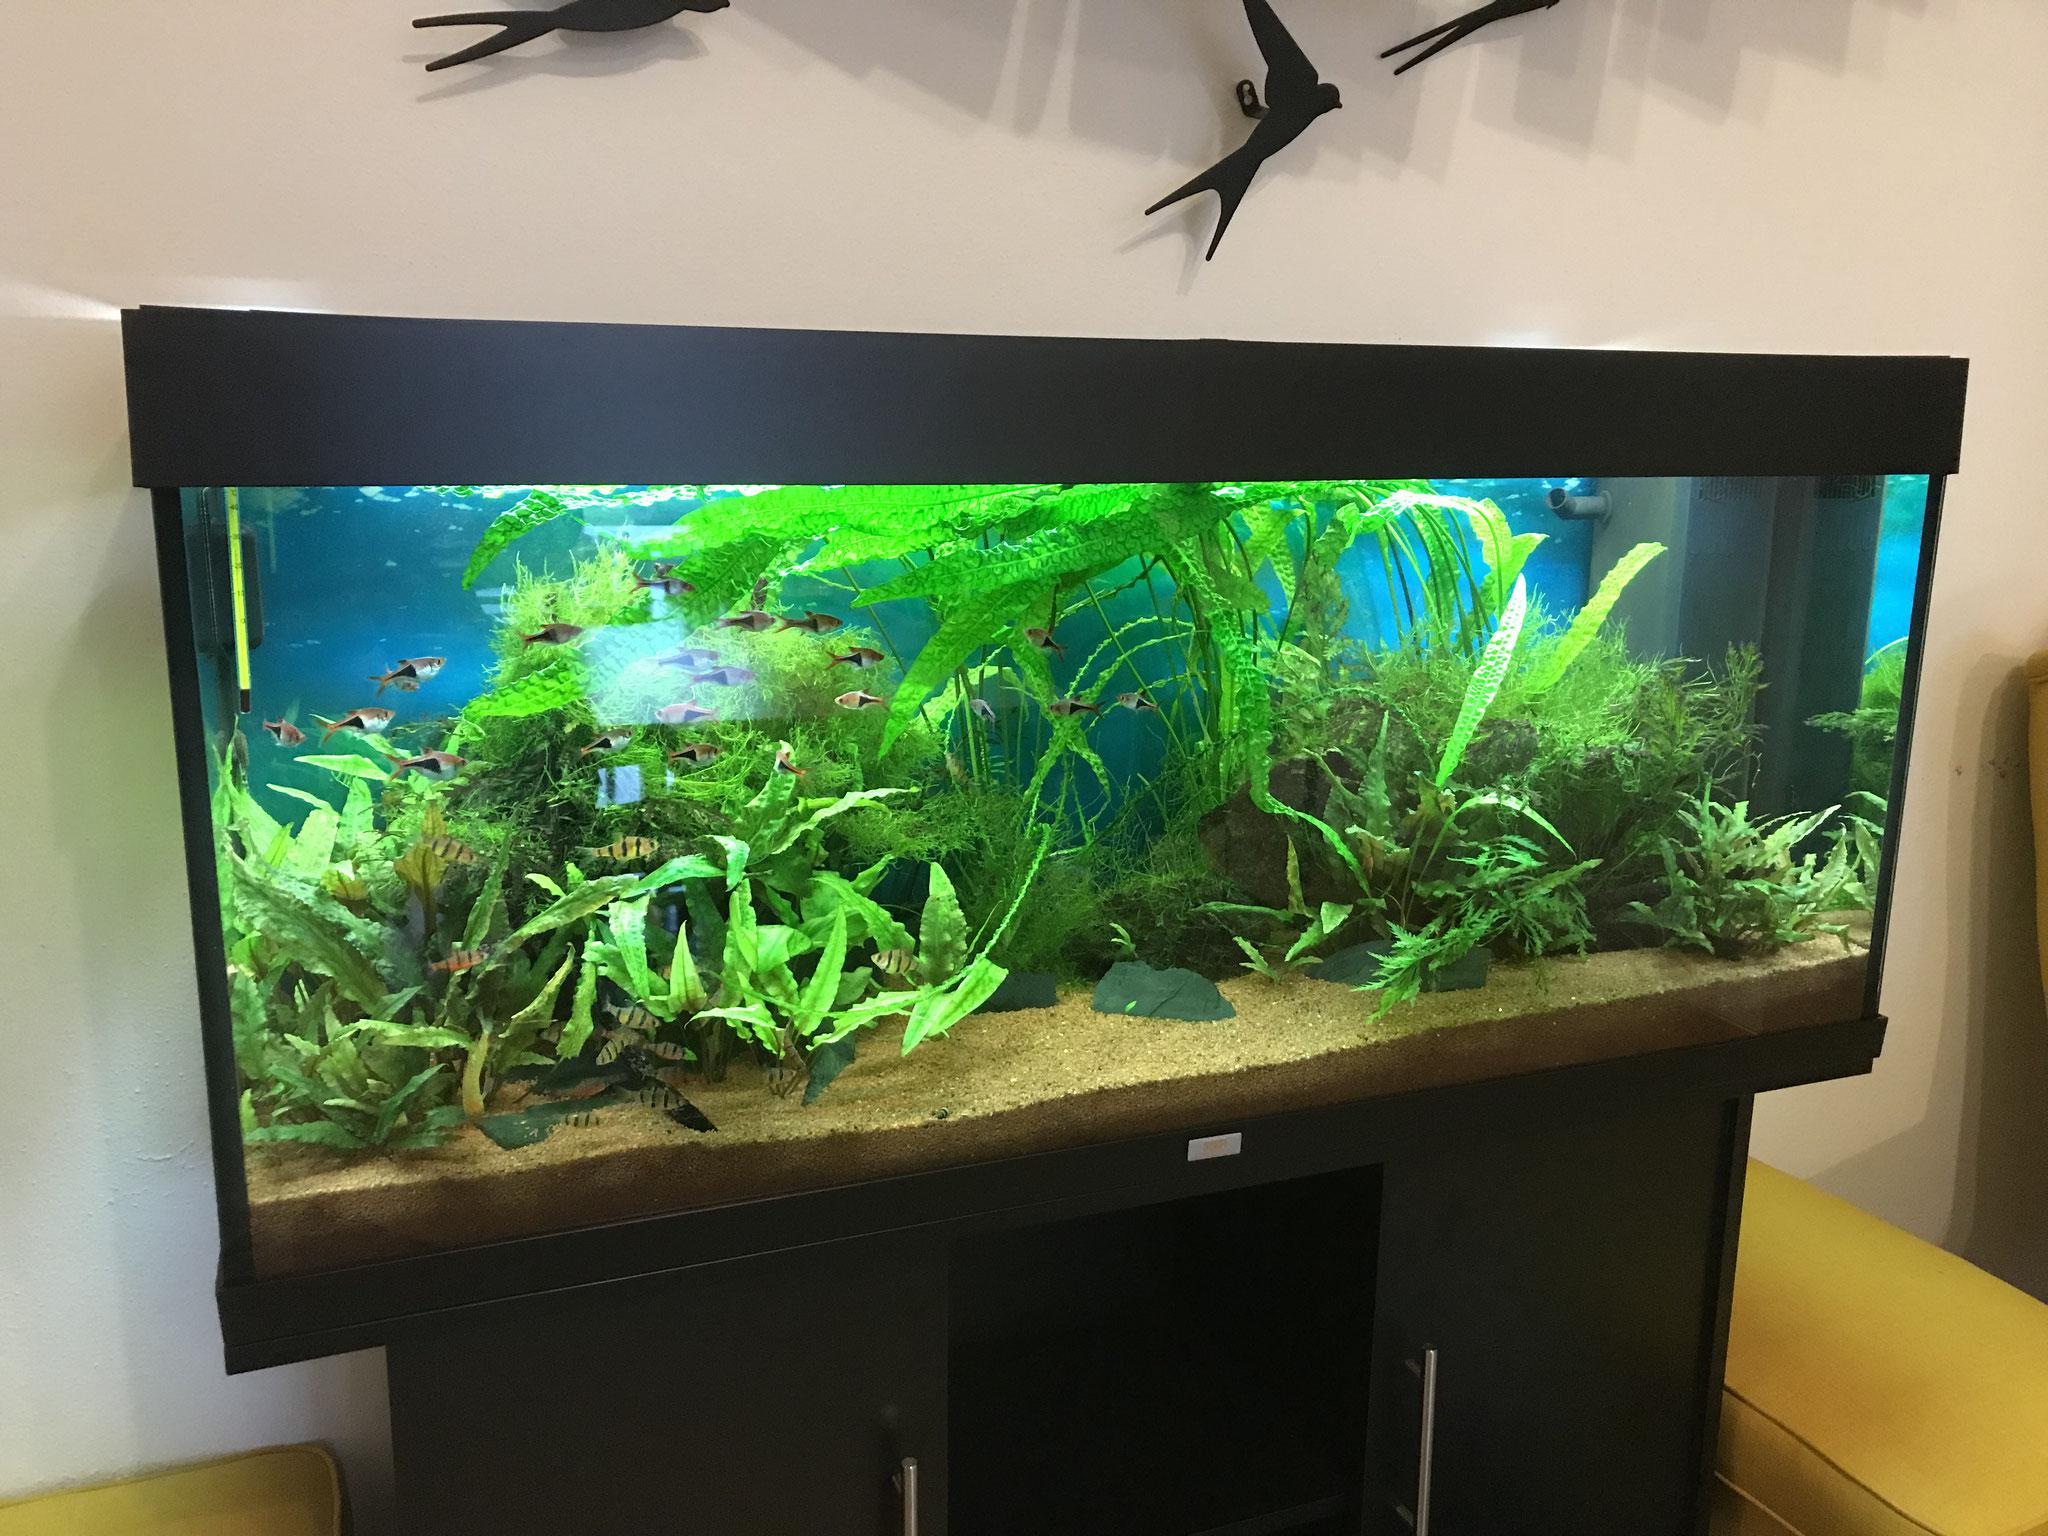 240 Liter Asienbecken mit Brokatbarben und Fünfgürtelbarben